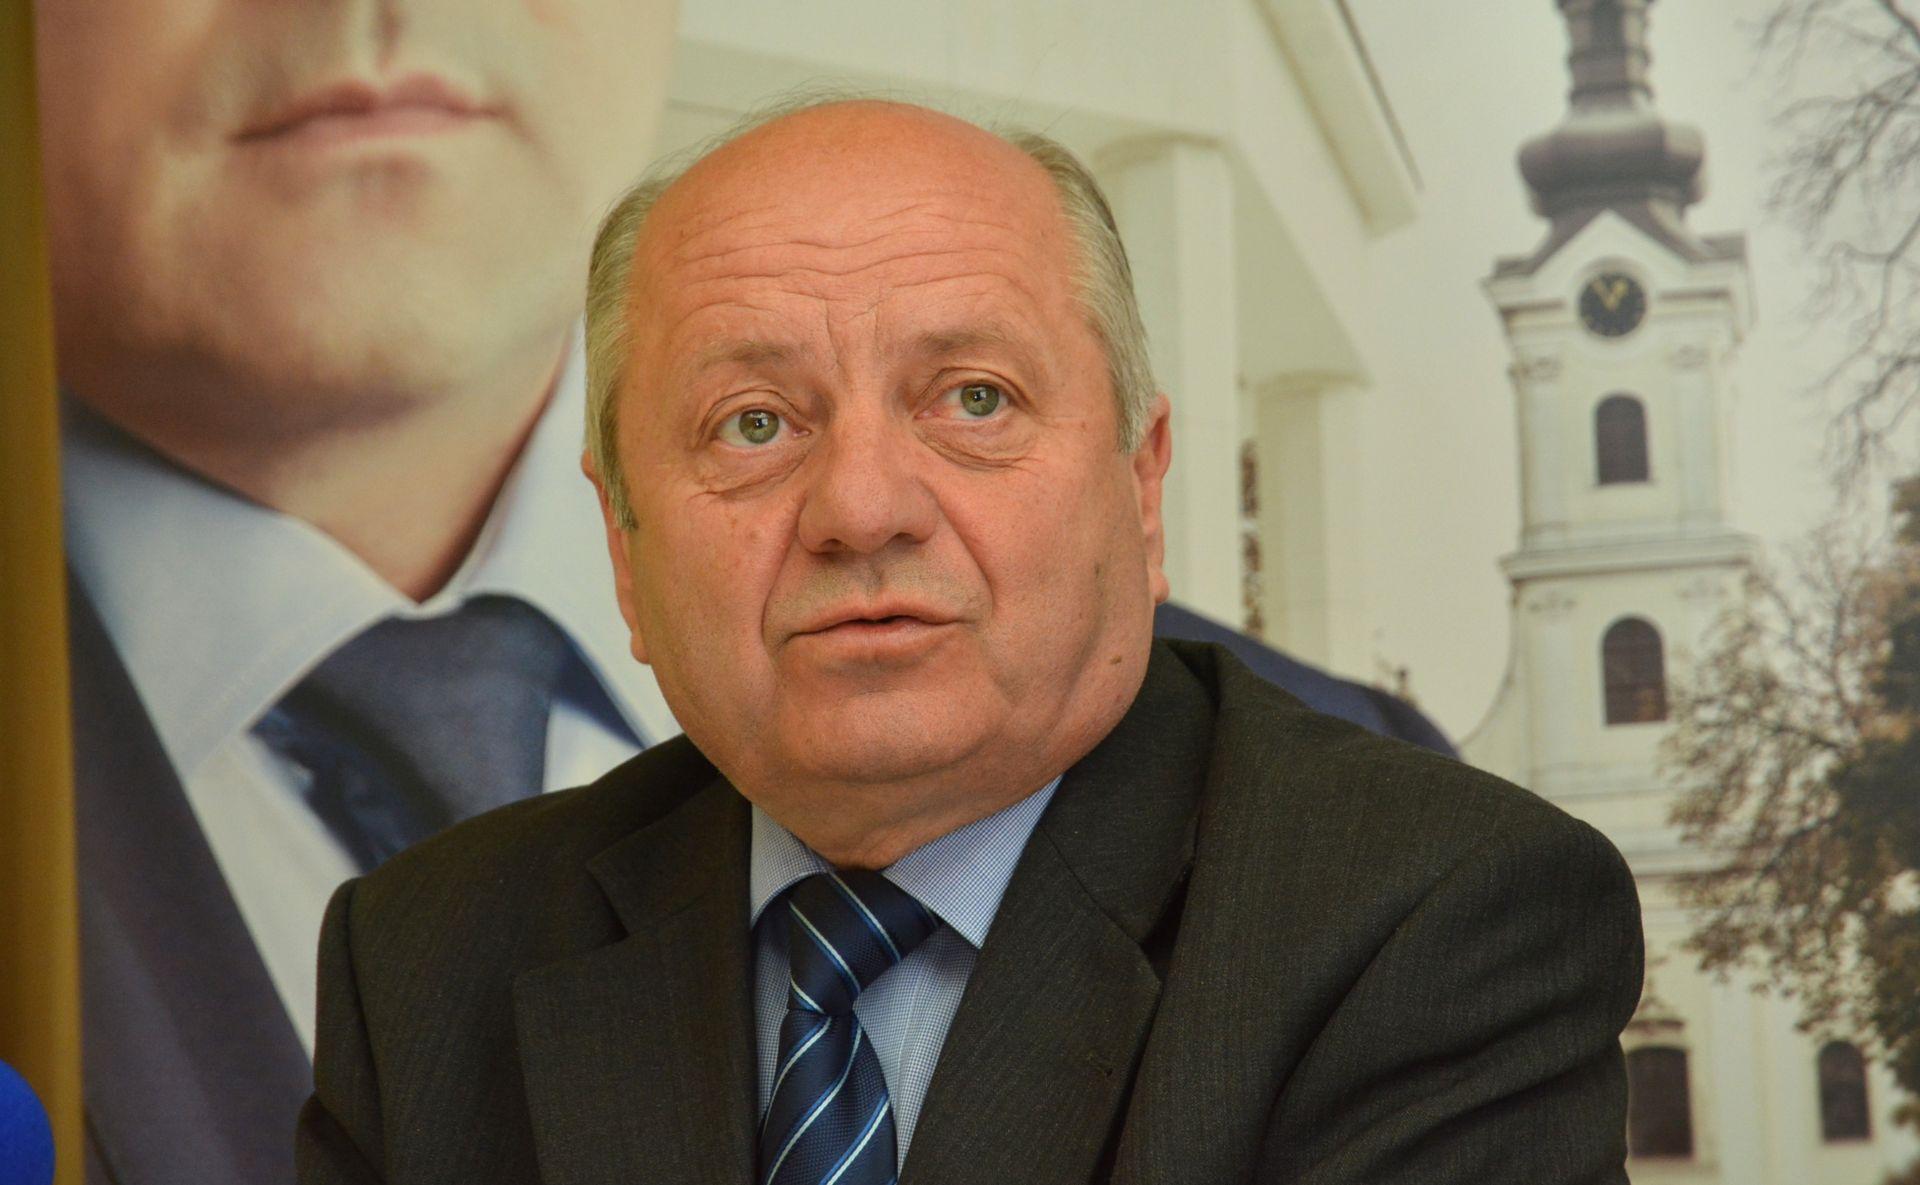 KOALICIJSKI SPORAZUM U KRIŽEVCIMA: Podrška Ivanu Majdaku za gradonačelnika